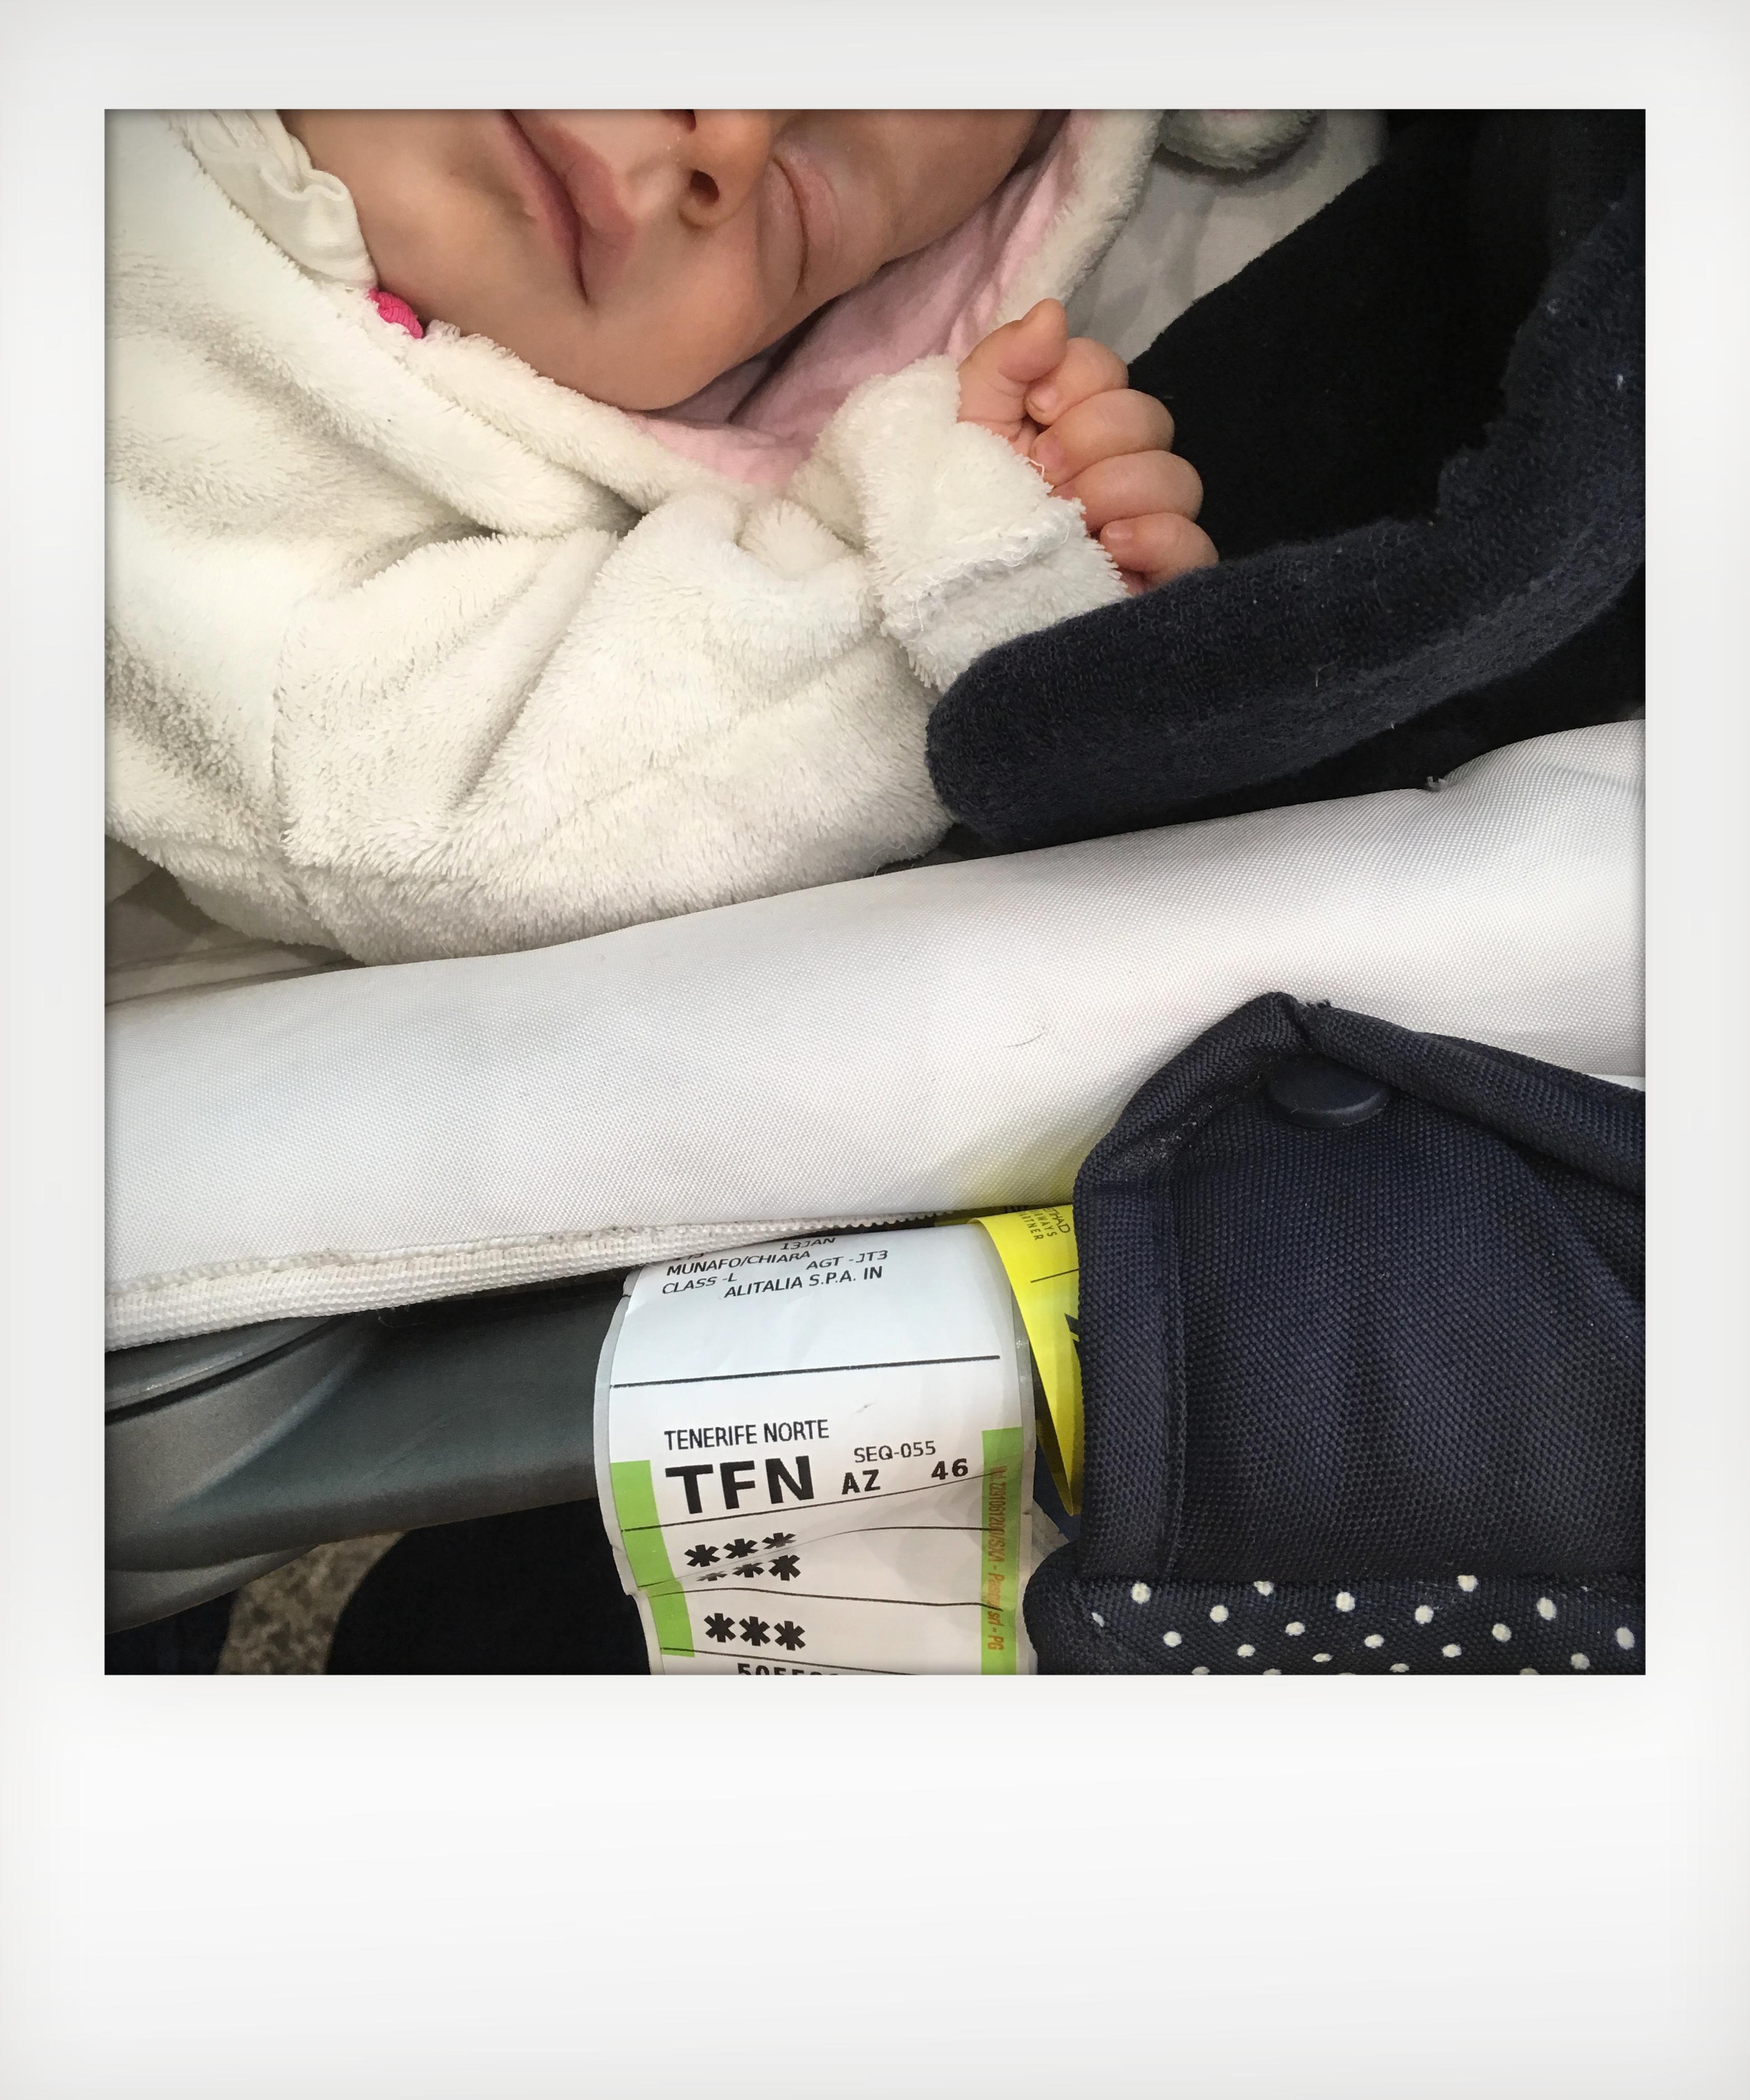 Perché partire in viaggio con bambini e neonati